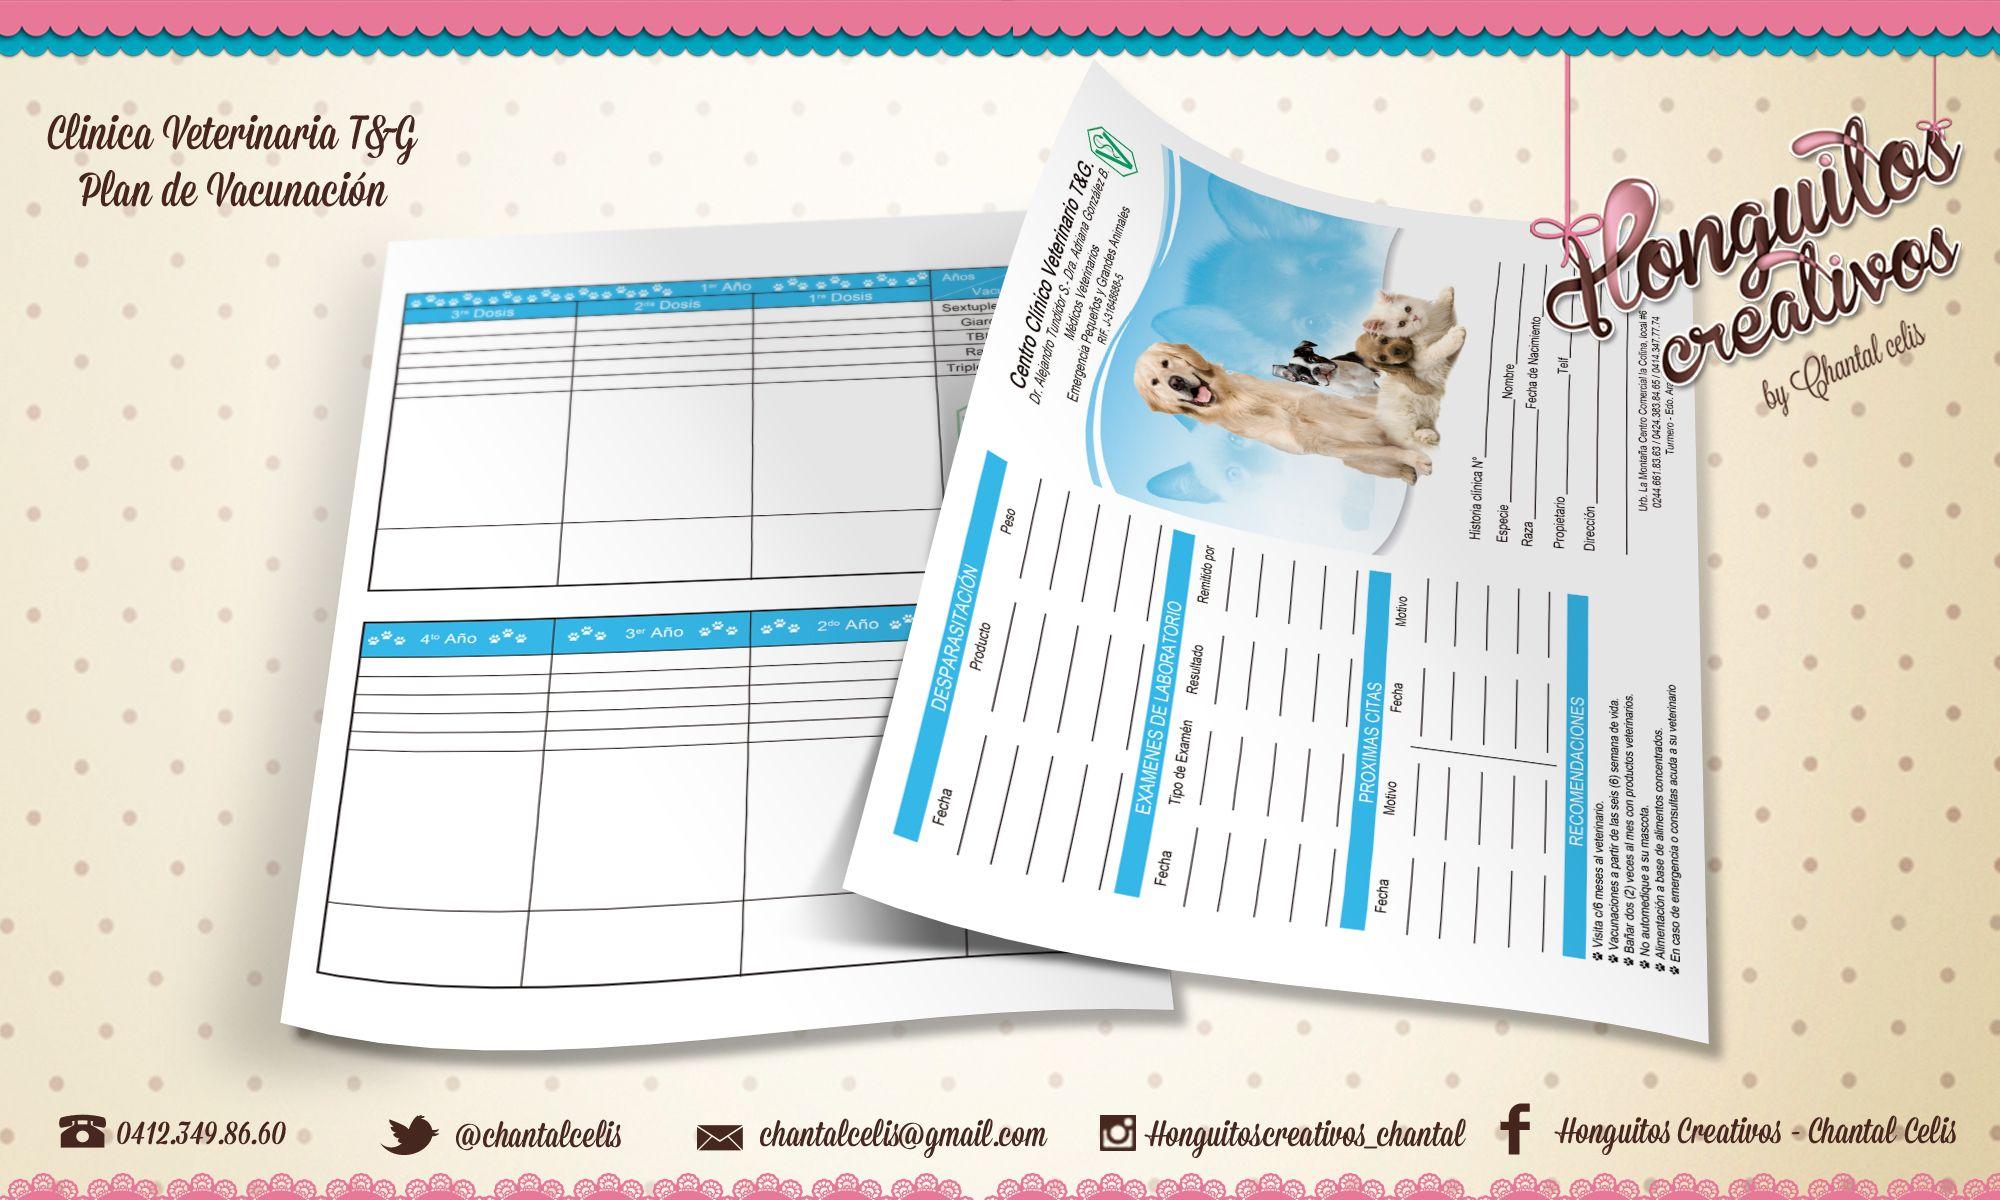 plan de vacunacion clinica veterinaria https://www.facebook.com/pages/Honguitos-Creativos-Chantal-Celis/174172615983594?ref=hl